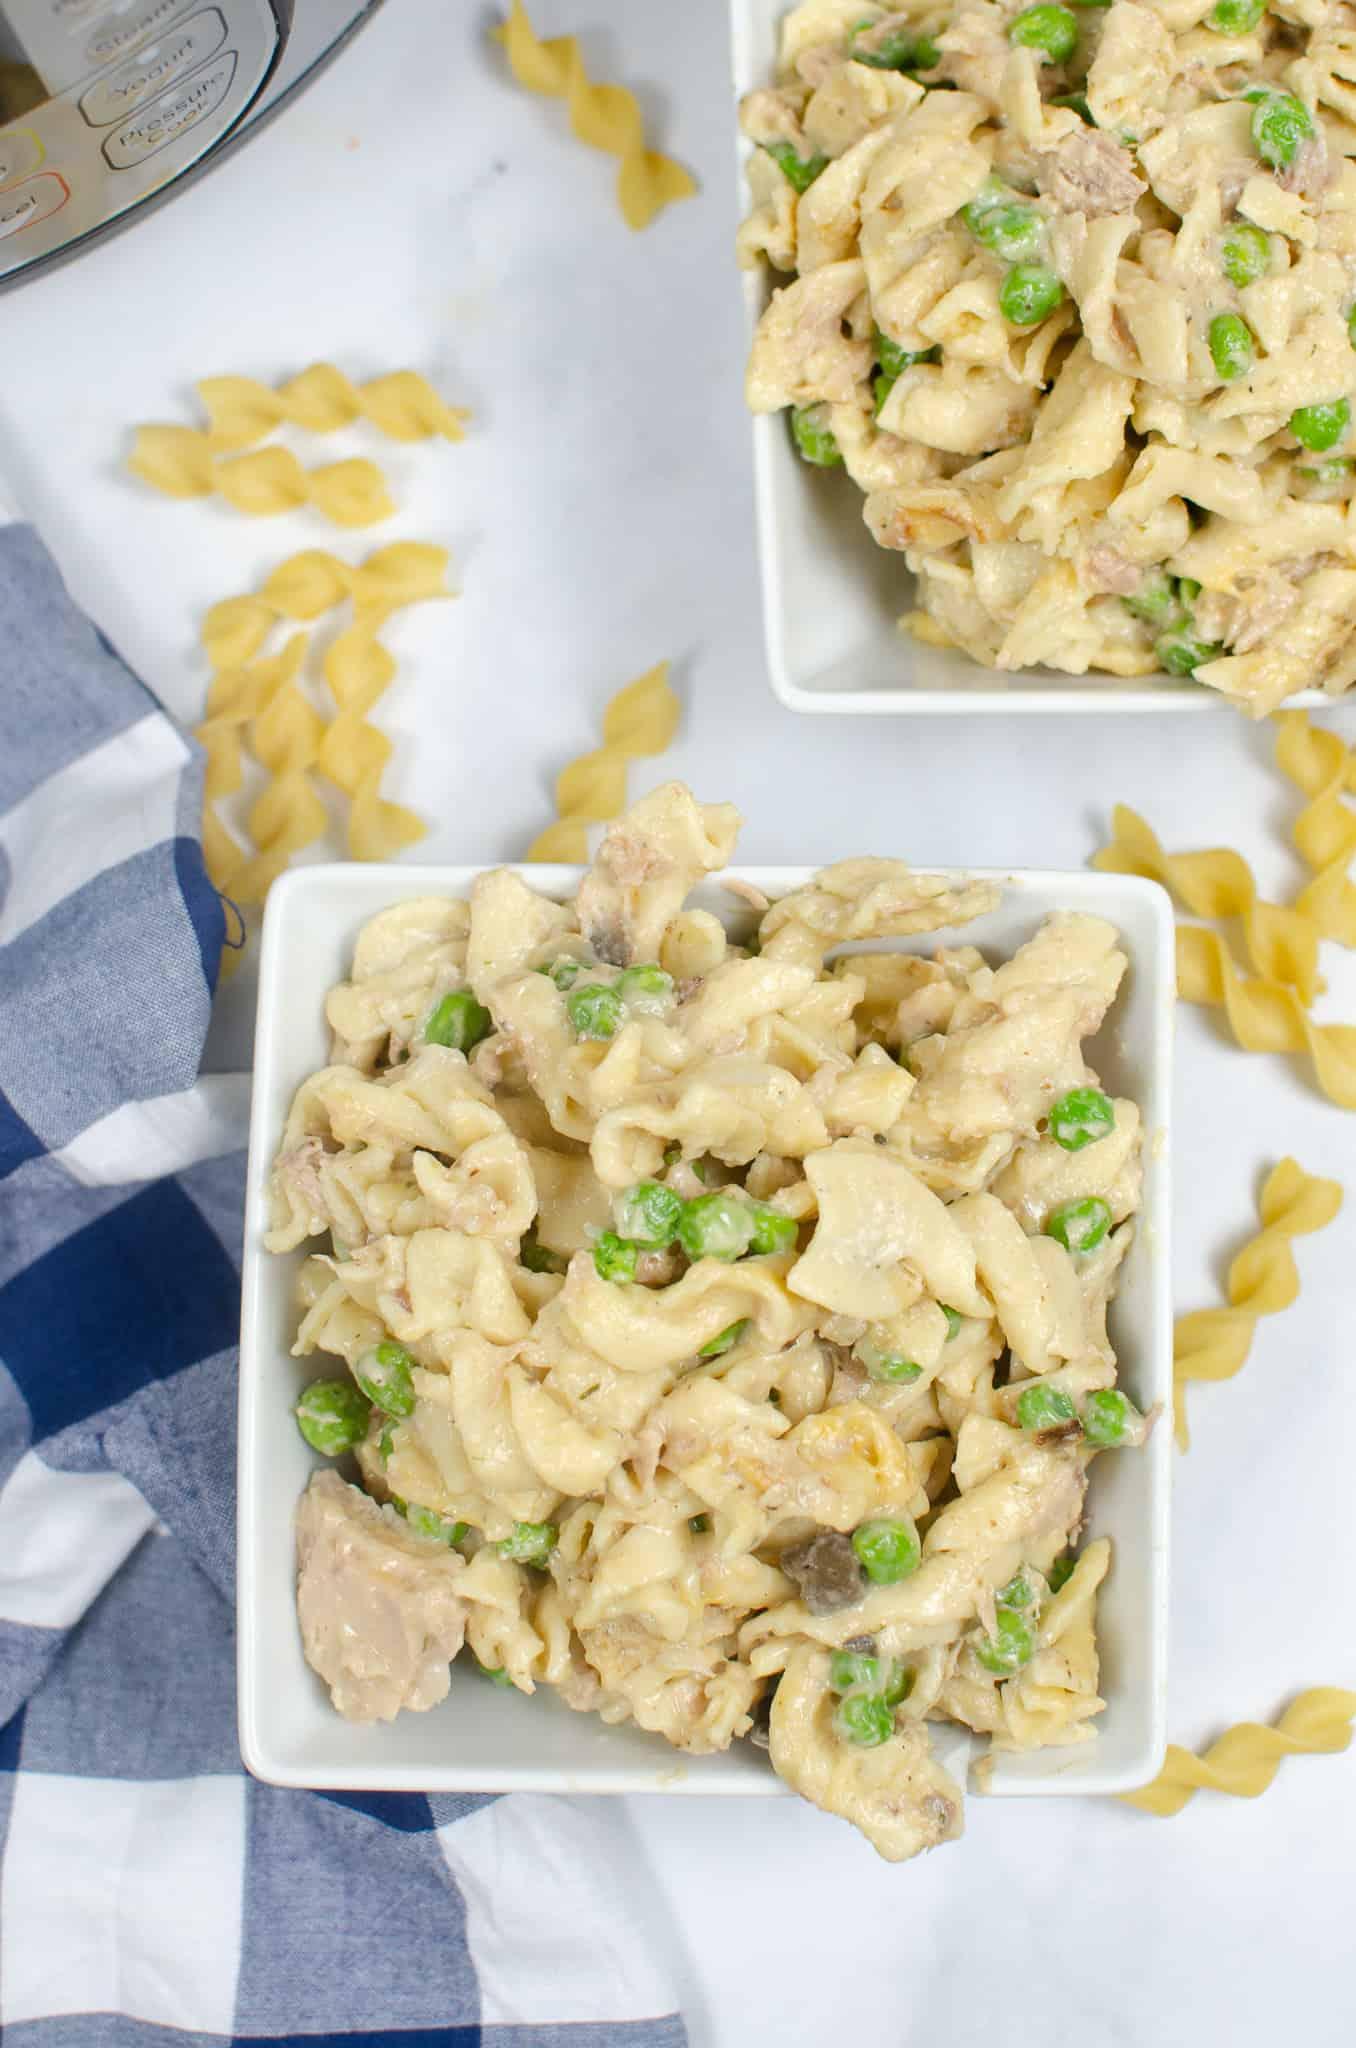 tuna noodle casserole in white bowl